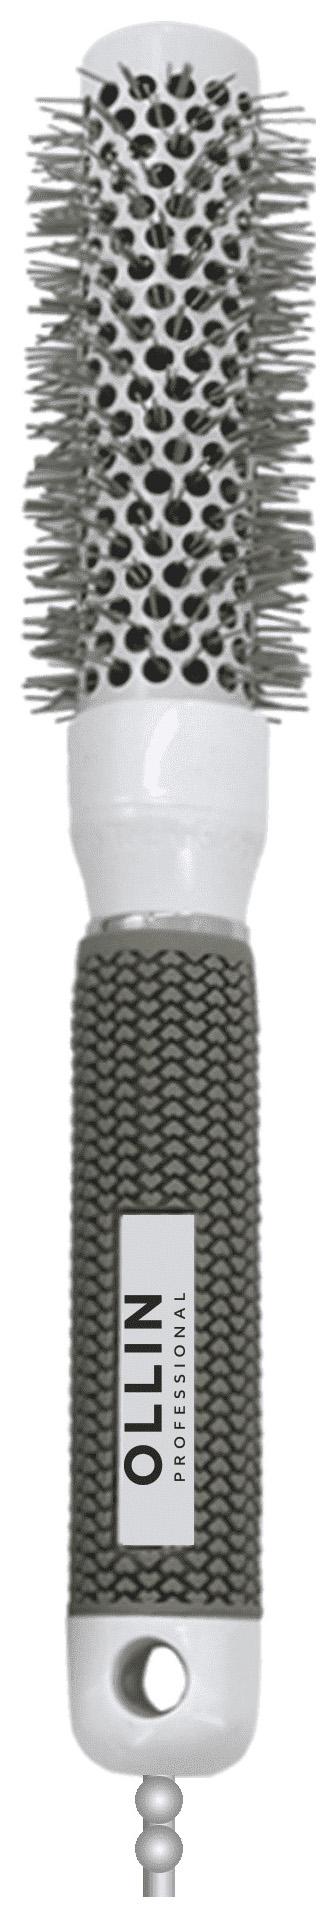 Купить Расческа Ollin Professional Брашинг с нейлоновой щетиной 25 мм